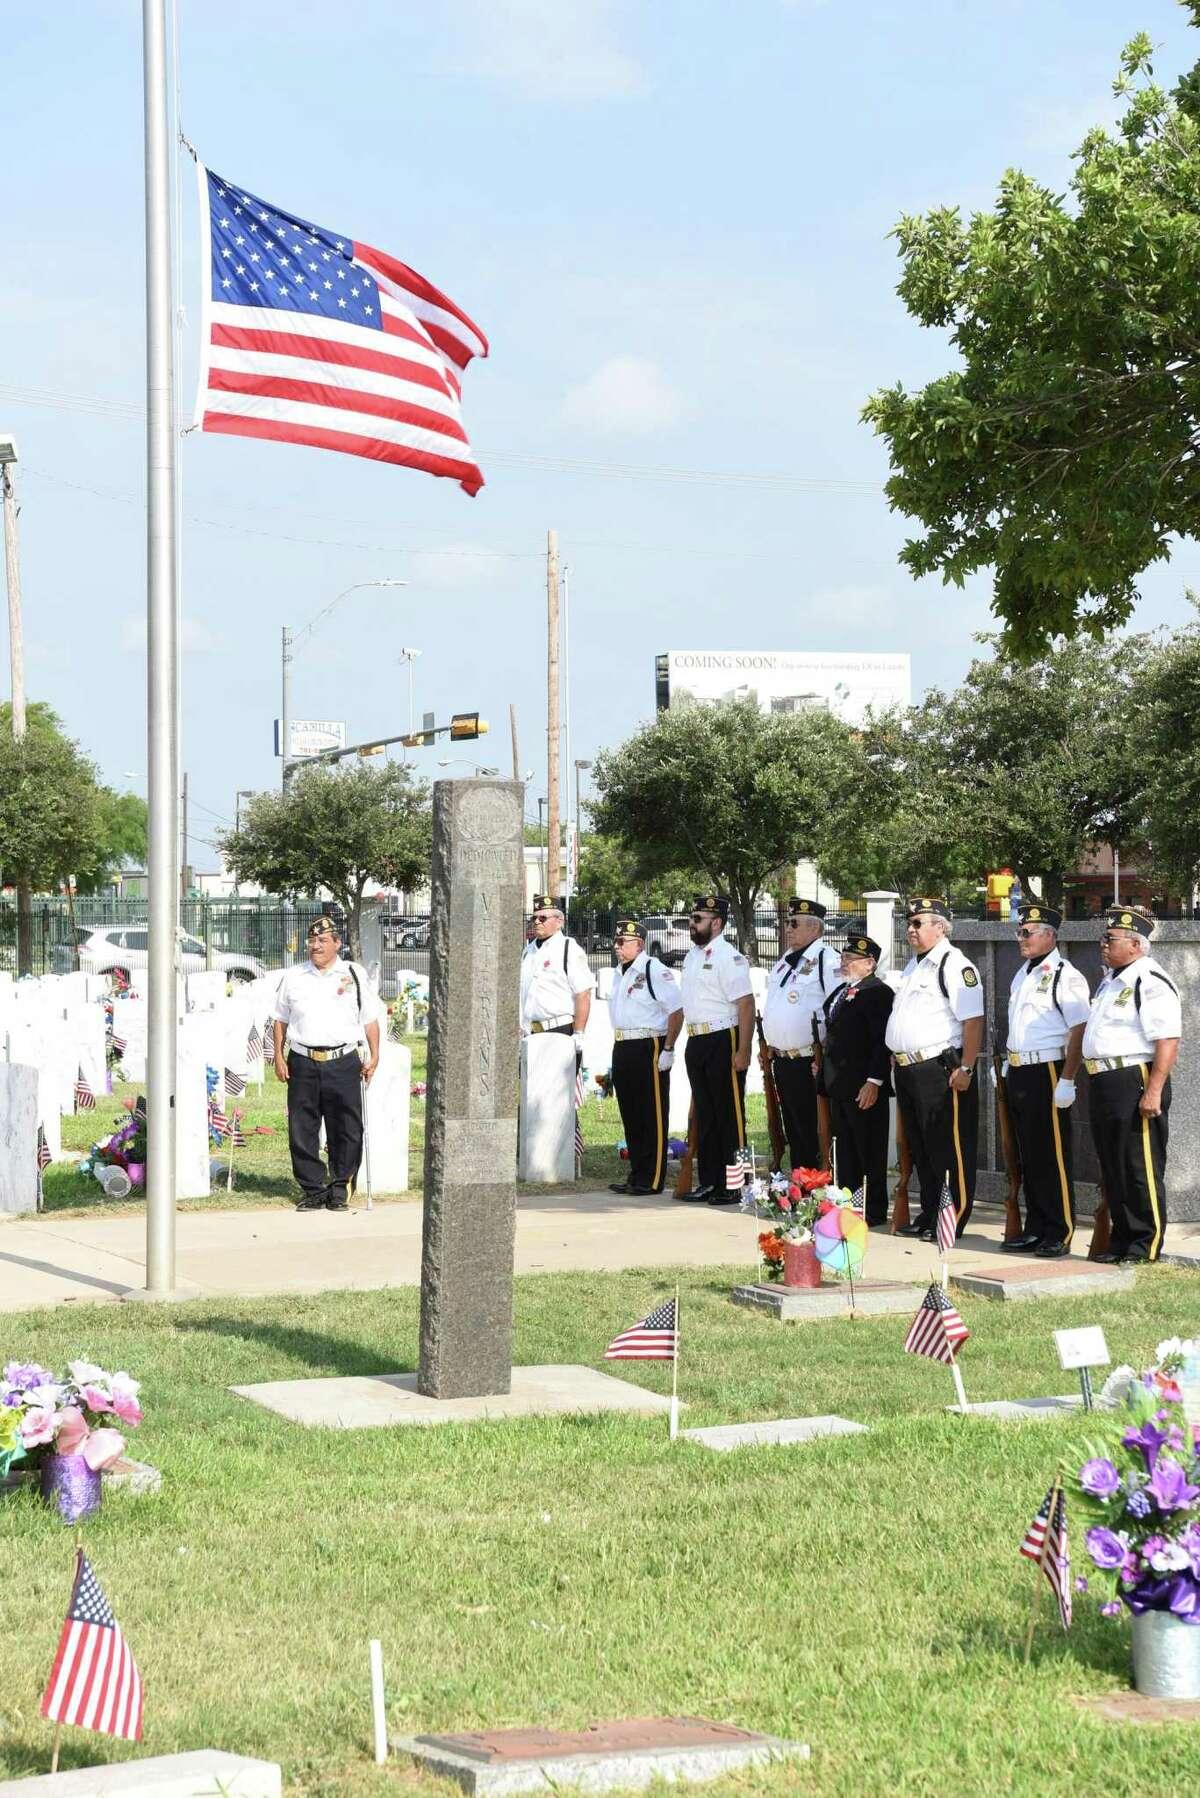 La Guardia de Honor ceremonial se coloca en atención a la bandera durante la ceremonia del Día de los Caídos en el Cementerio de la Ciudad de Laredo en 2019.